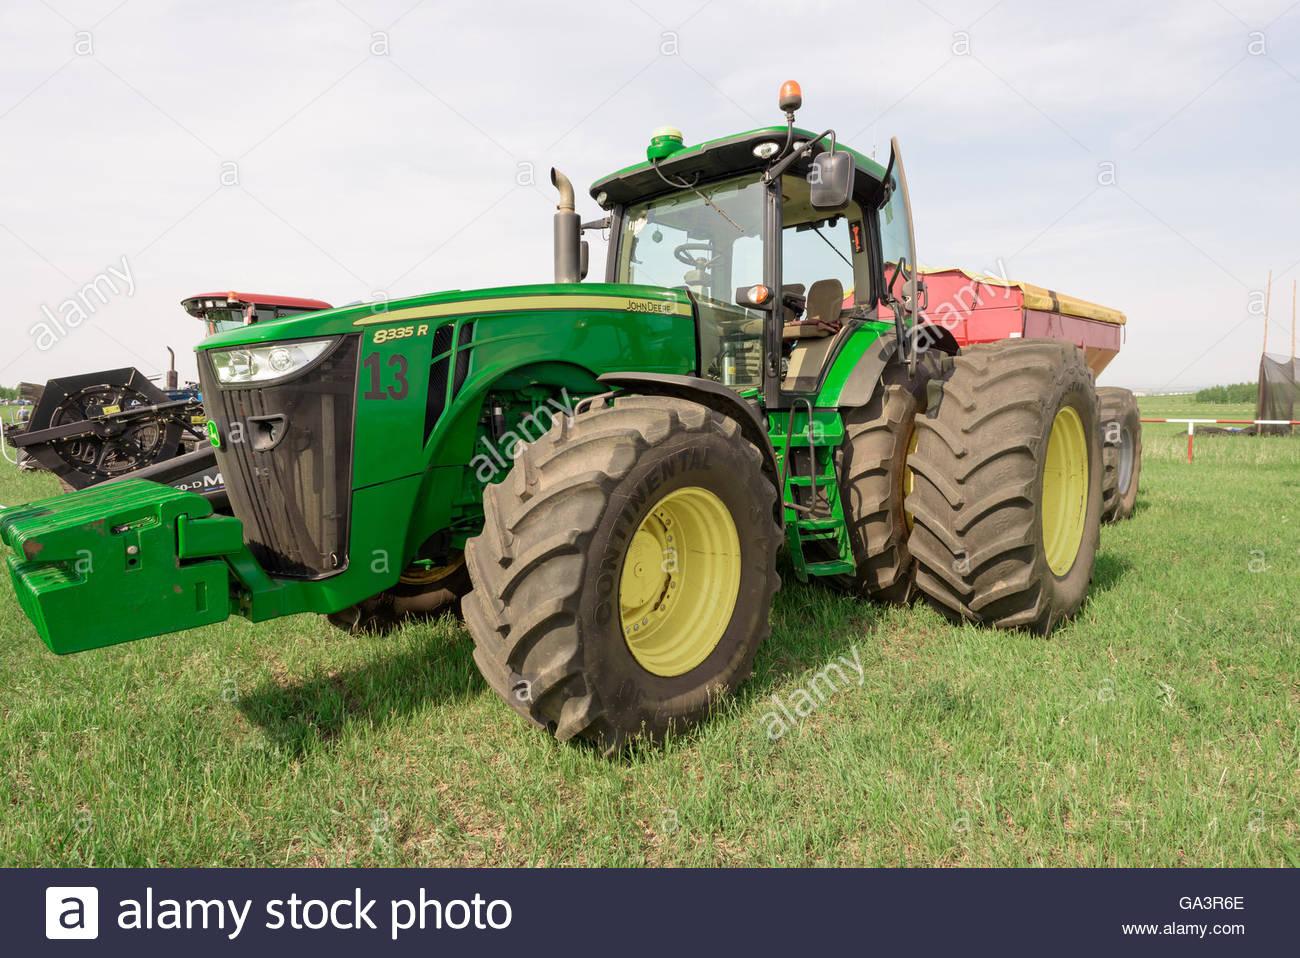 Green Tractor Photos & Green Tractor Images - Alamy concernant Dessin Animé De Tracteur John Deere